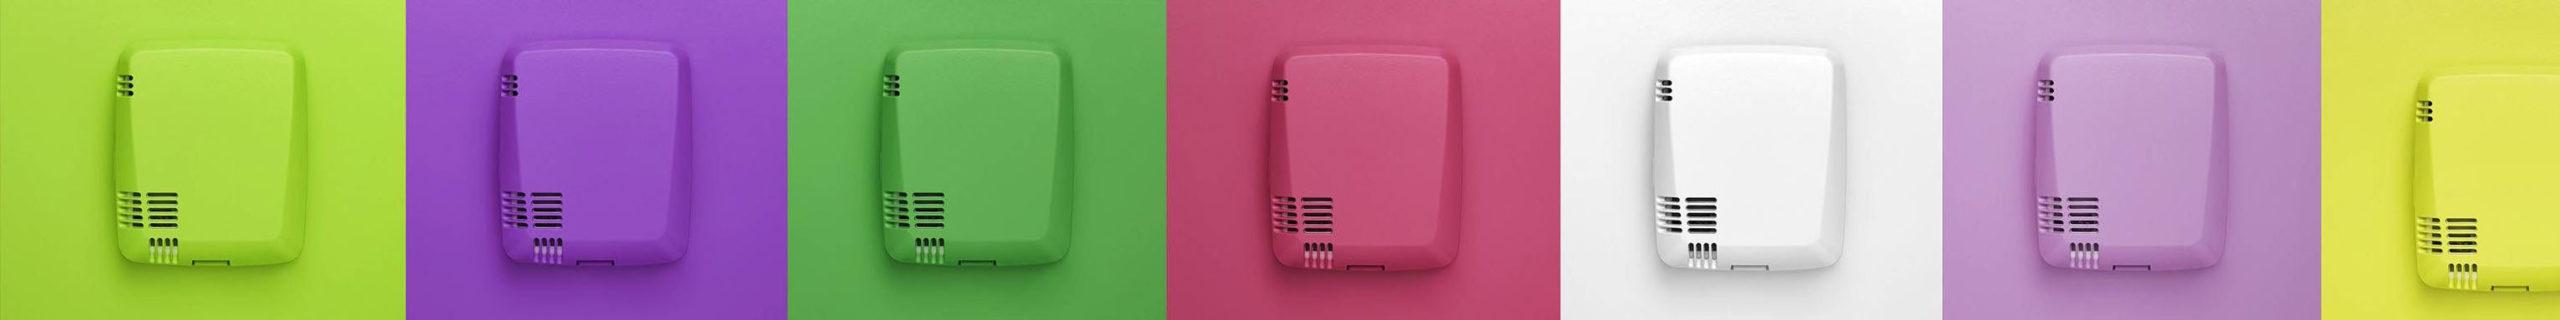 Dataloggere i farge